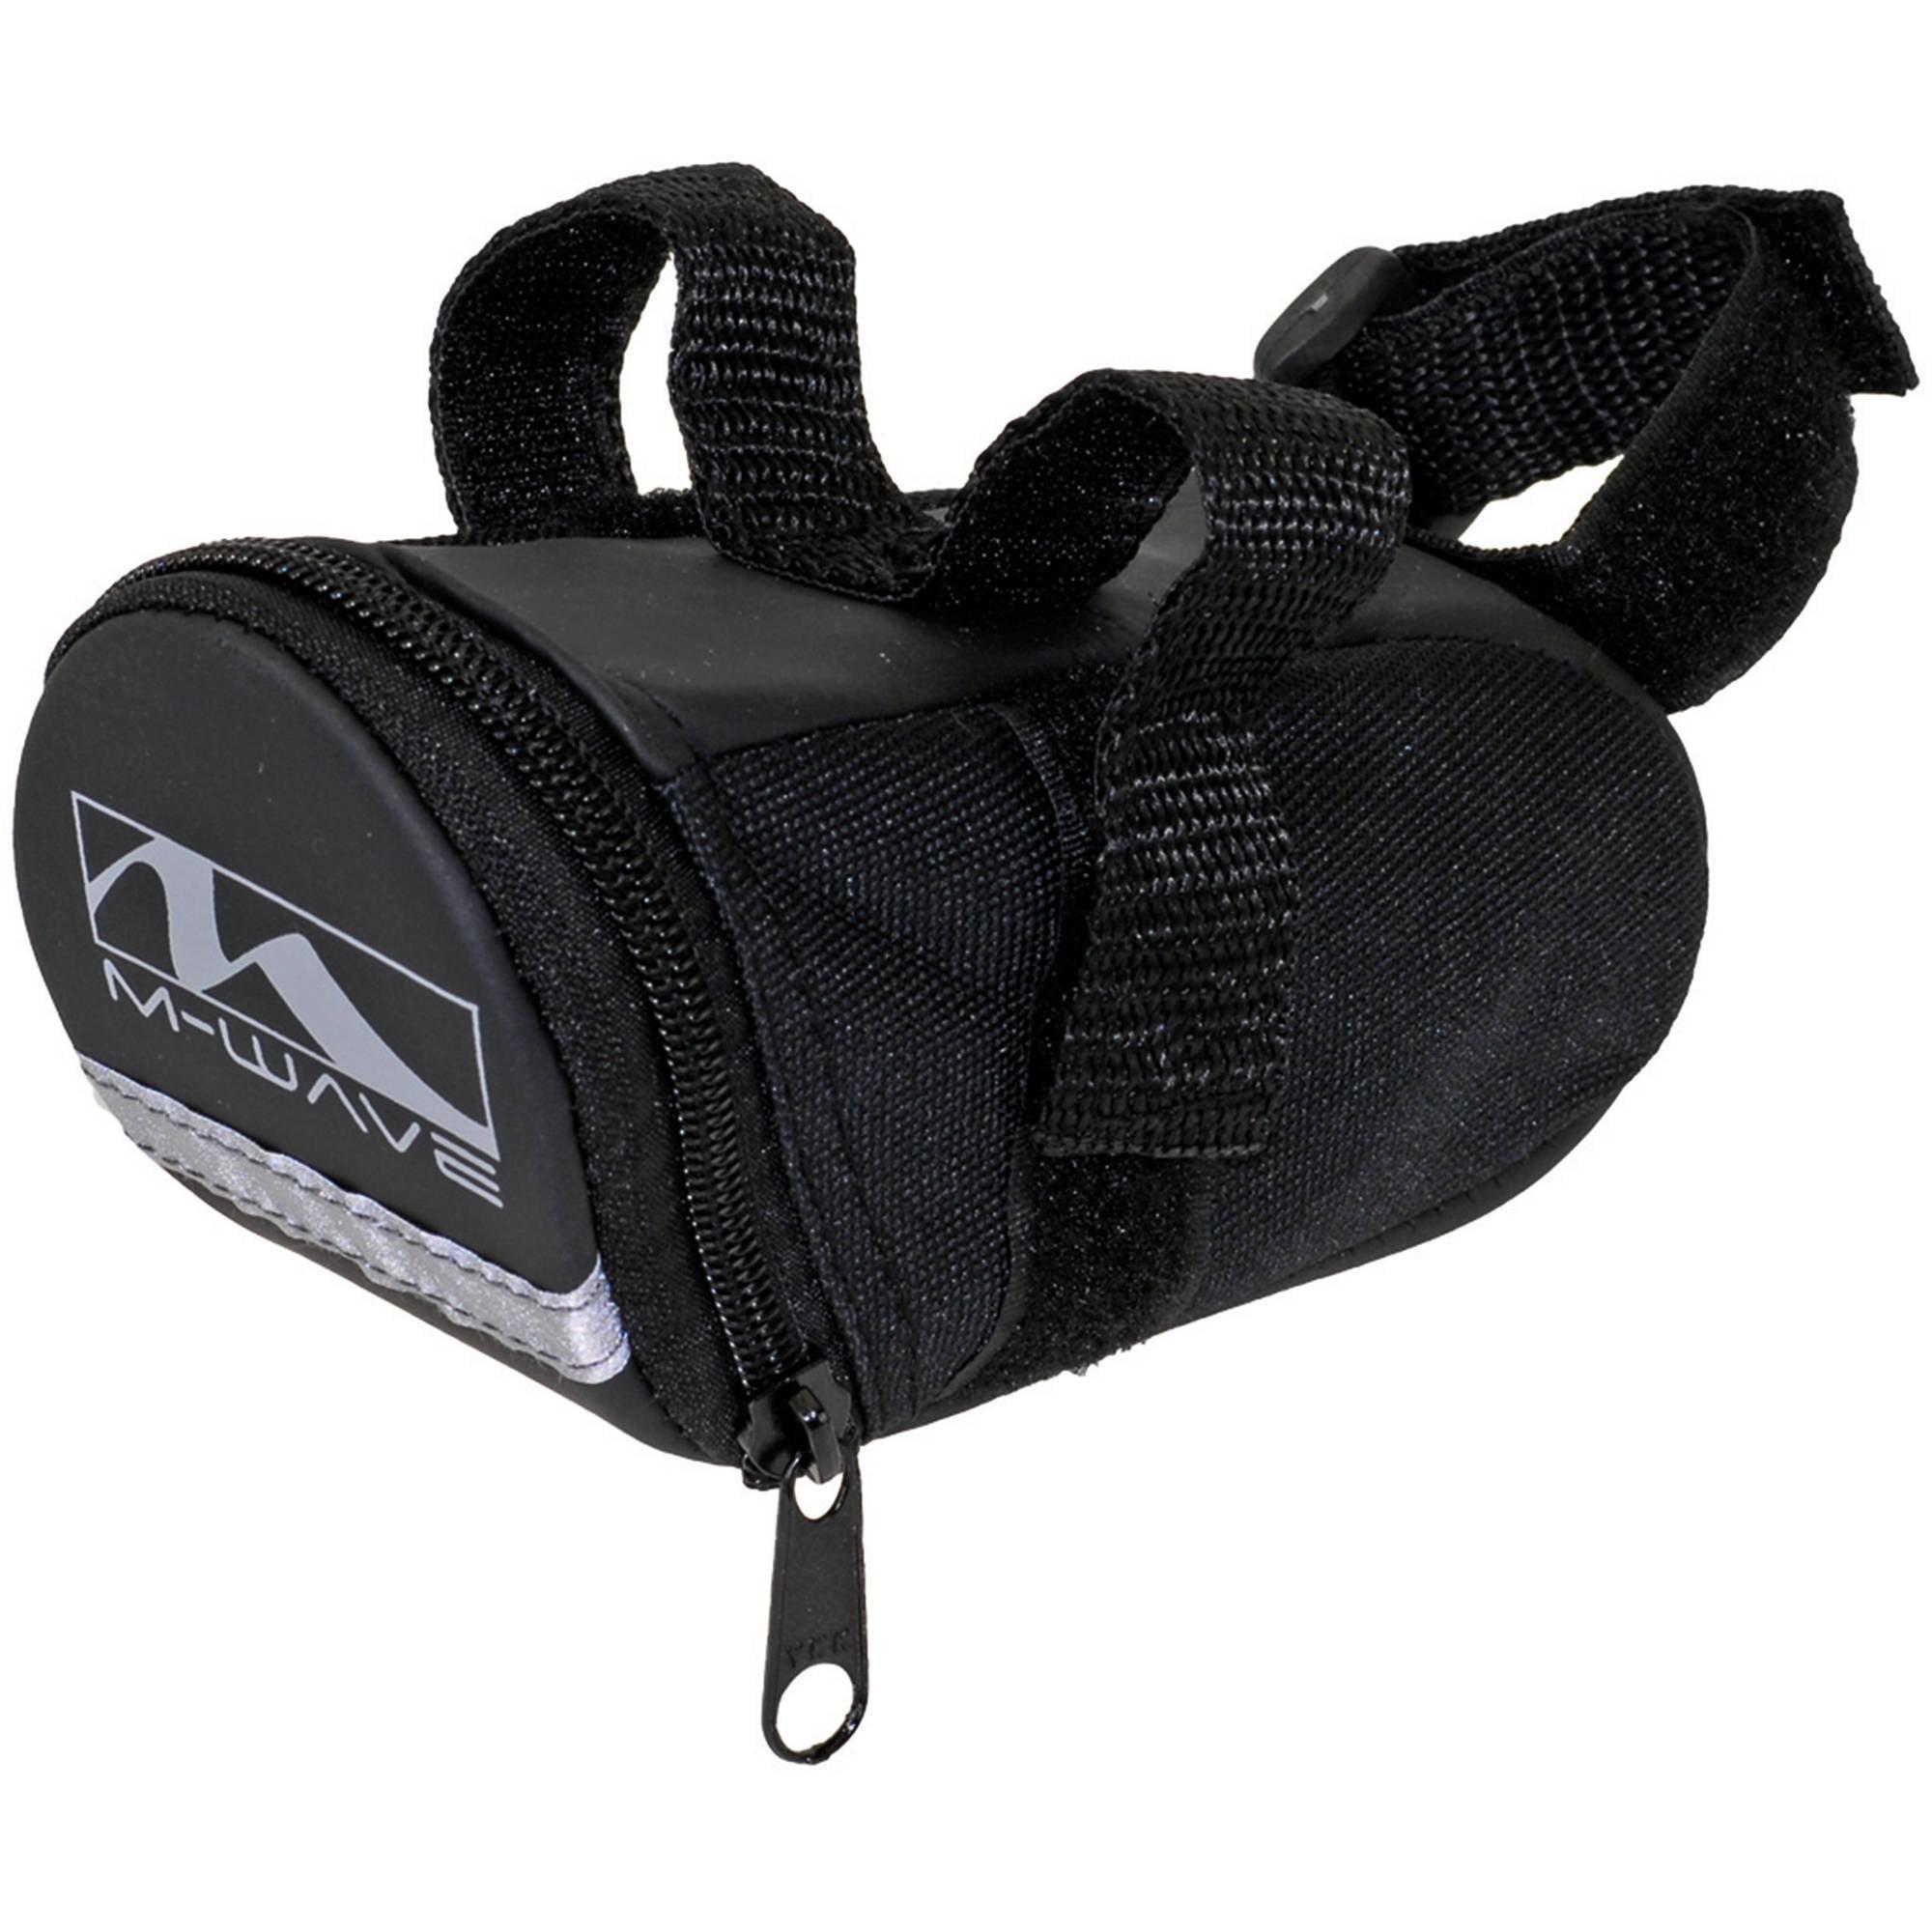 M-Wave Saddle Bag, Small